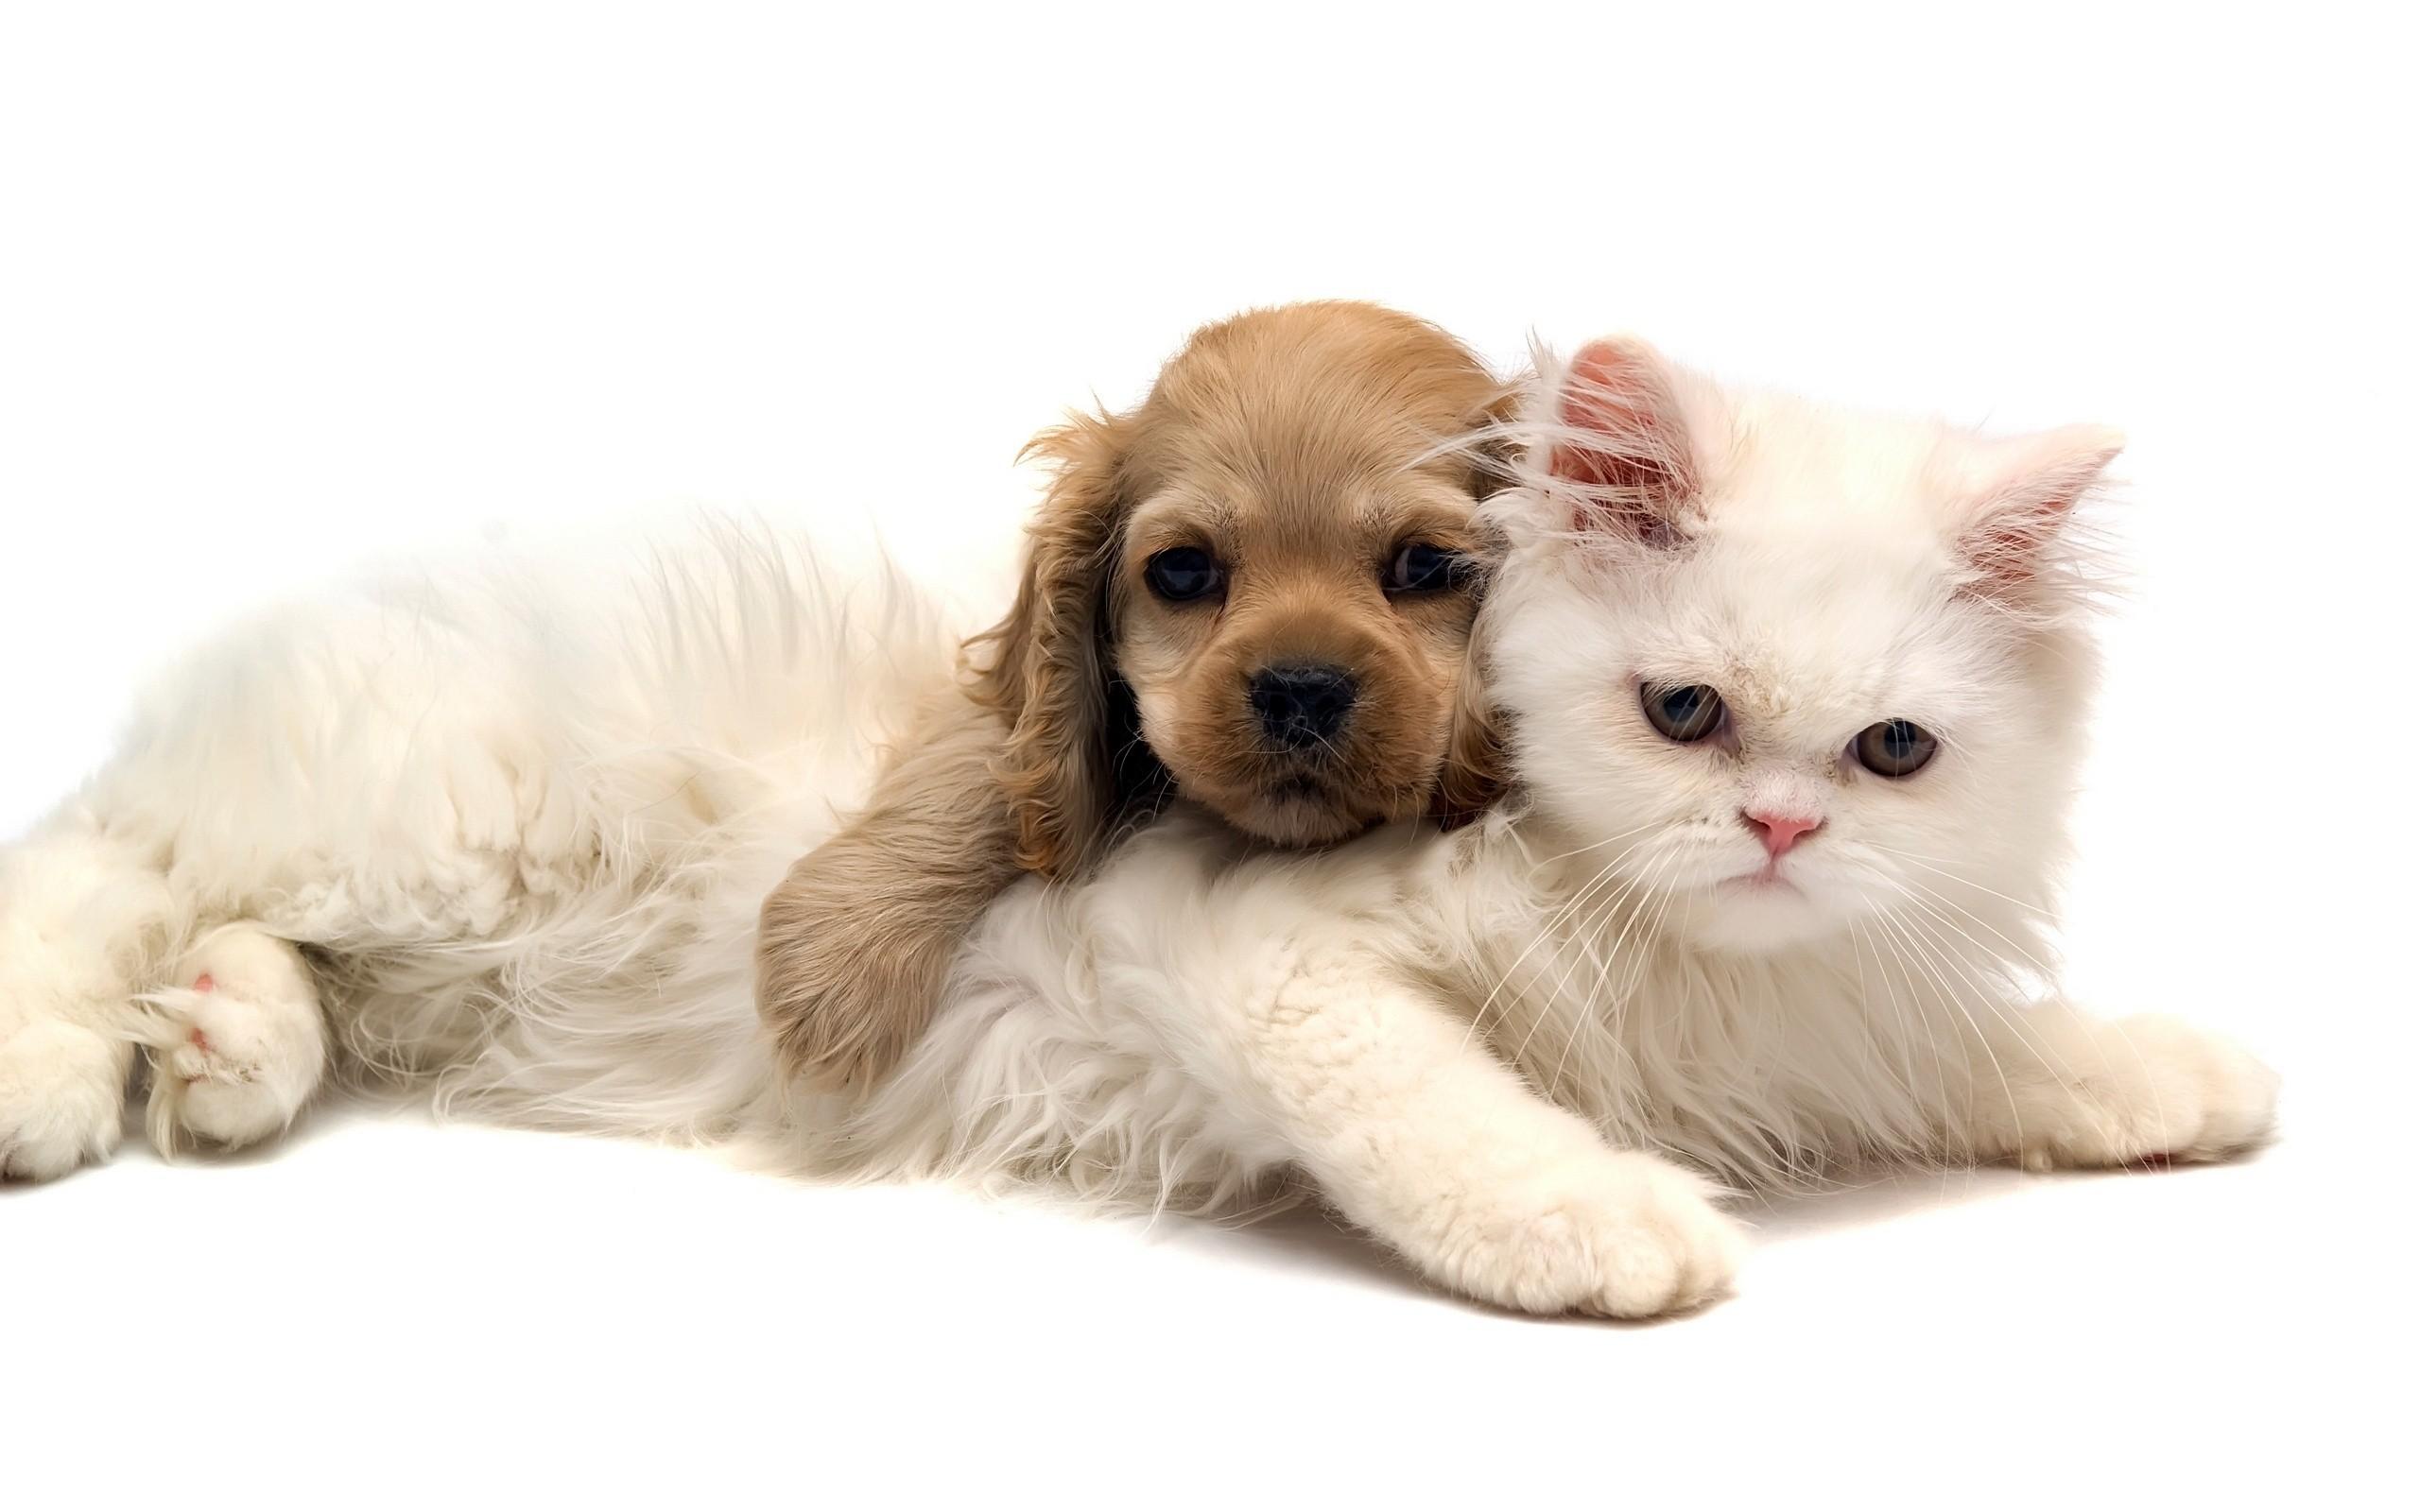 Un perro y un gato - 2560x1600